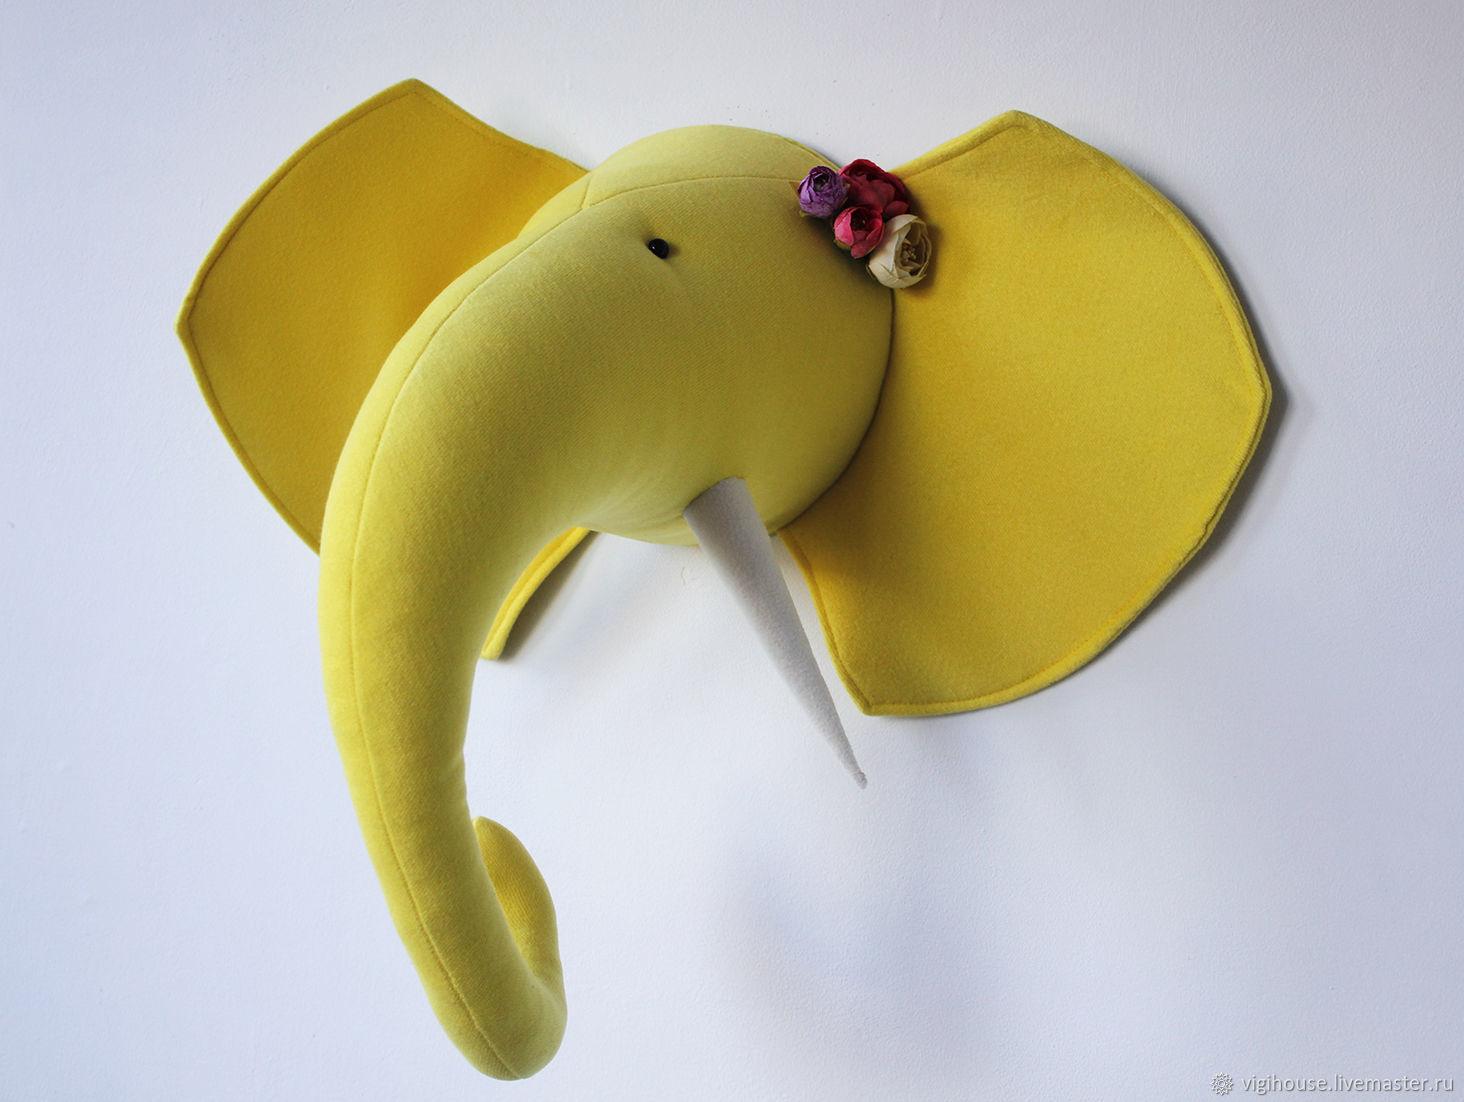 Детская ручной работы. Ярмарка Мастеров - ручная работа. Купить Трофей голова слона. Handmade. Слон, желтый, Декор